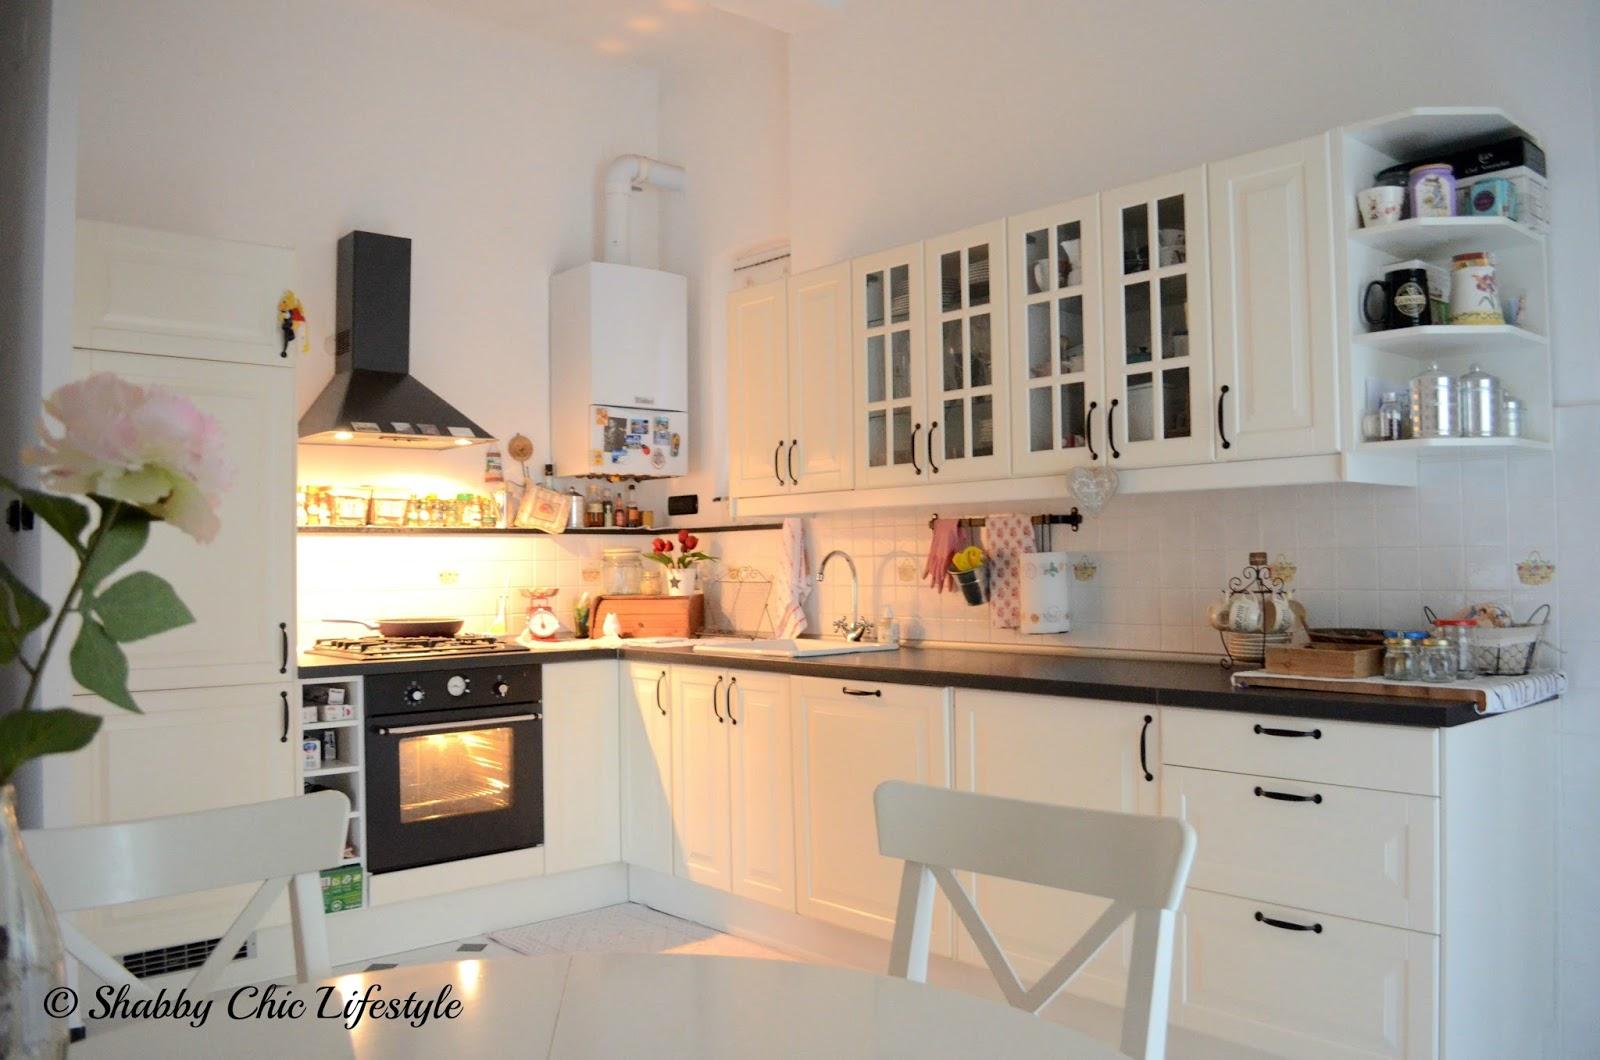 La mia cucina shabby ricette casalinghe popolari - Cucina shabby ikea ...